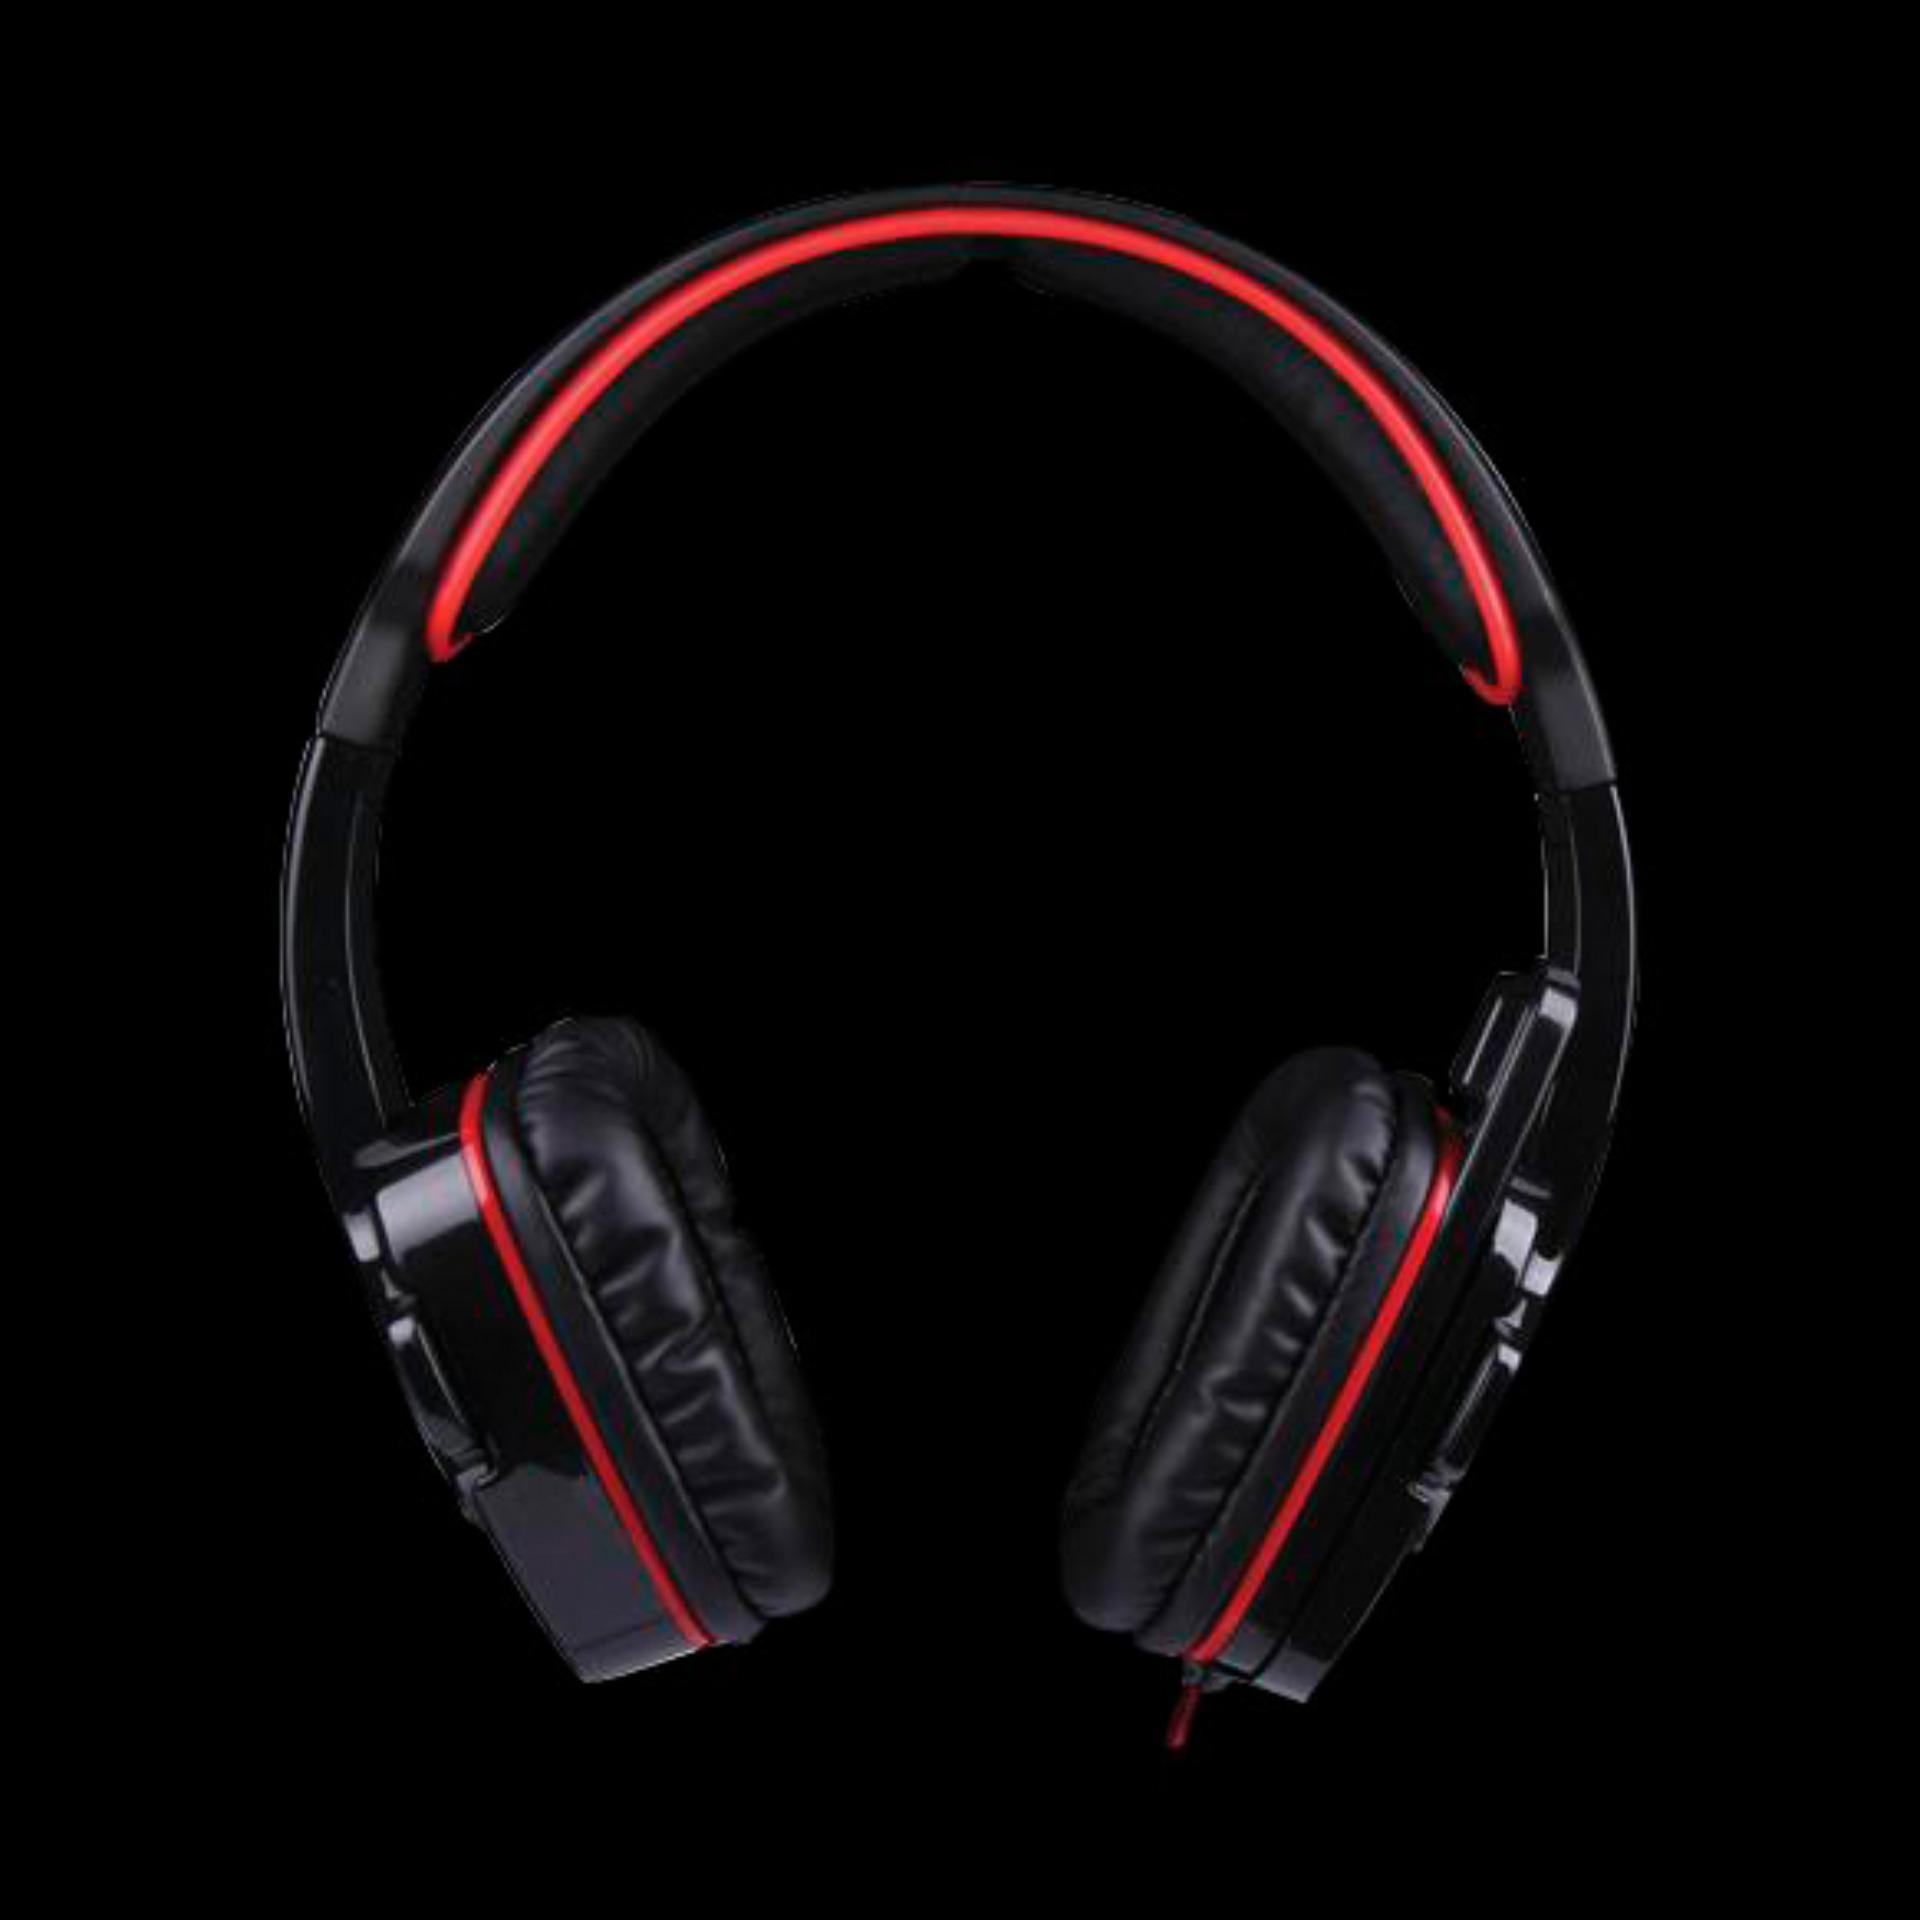 Marvo Scorpion Headset Gaming H8316 Hitam Merah Daftar Harga Headseet H8629 H8329 Braided Cable